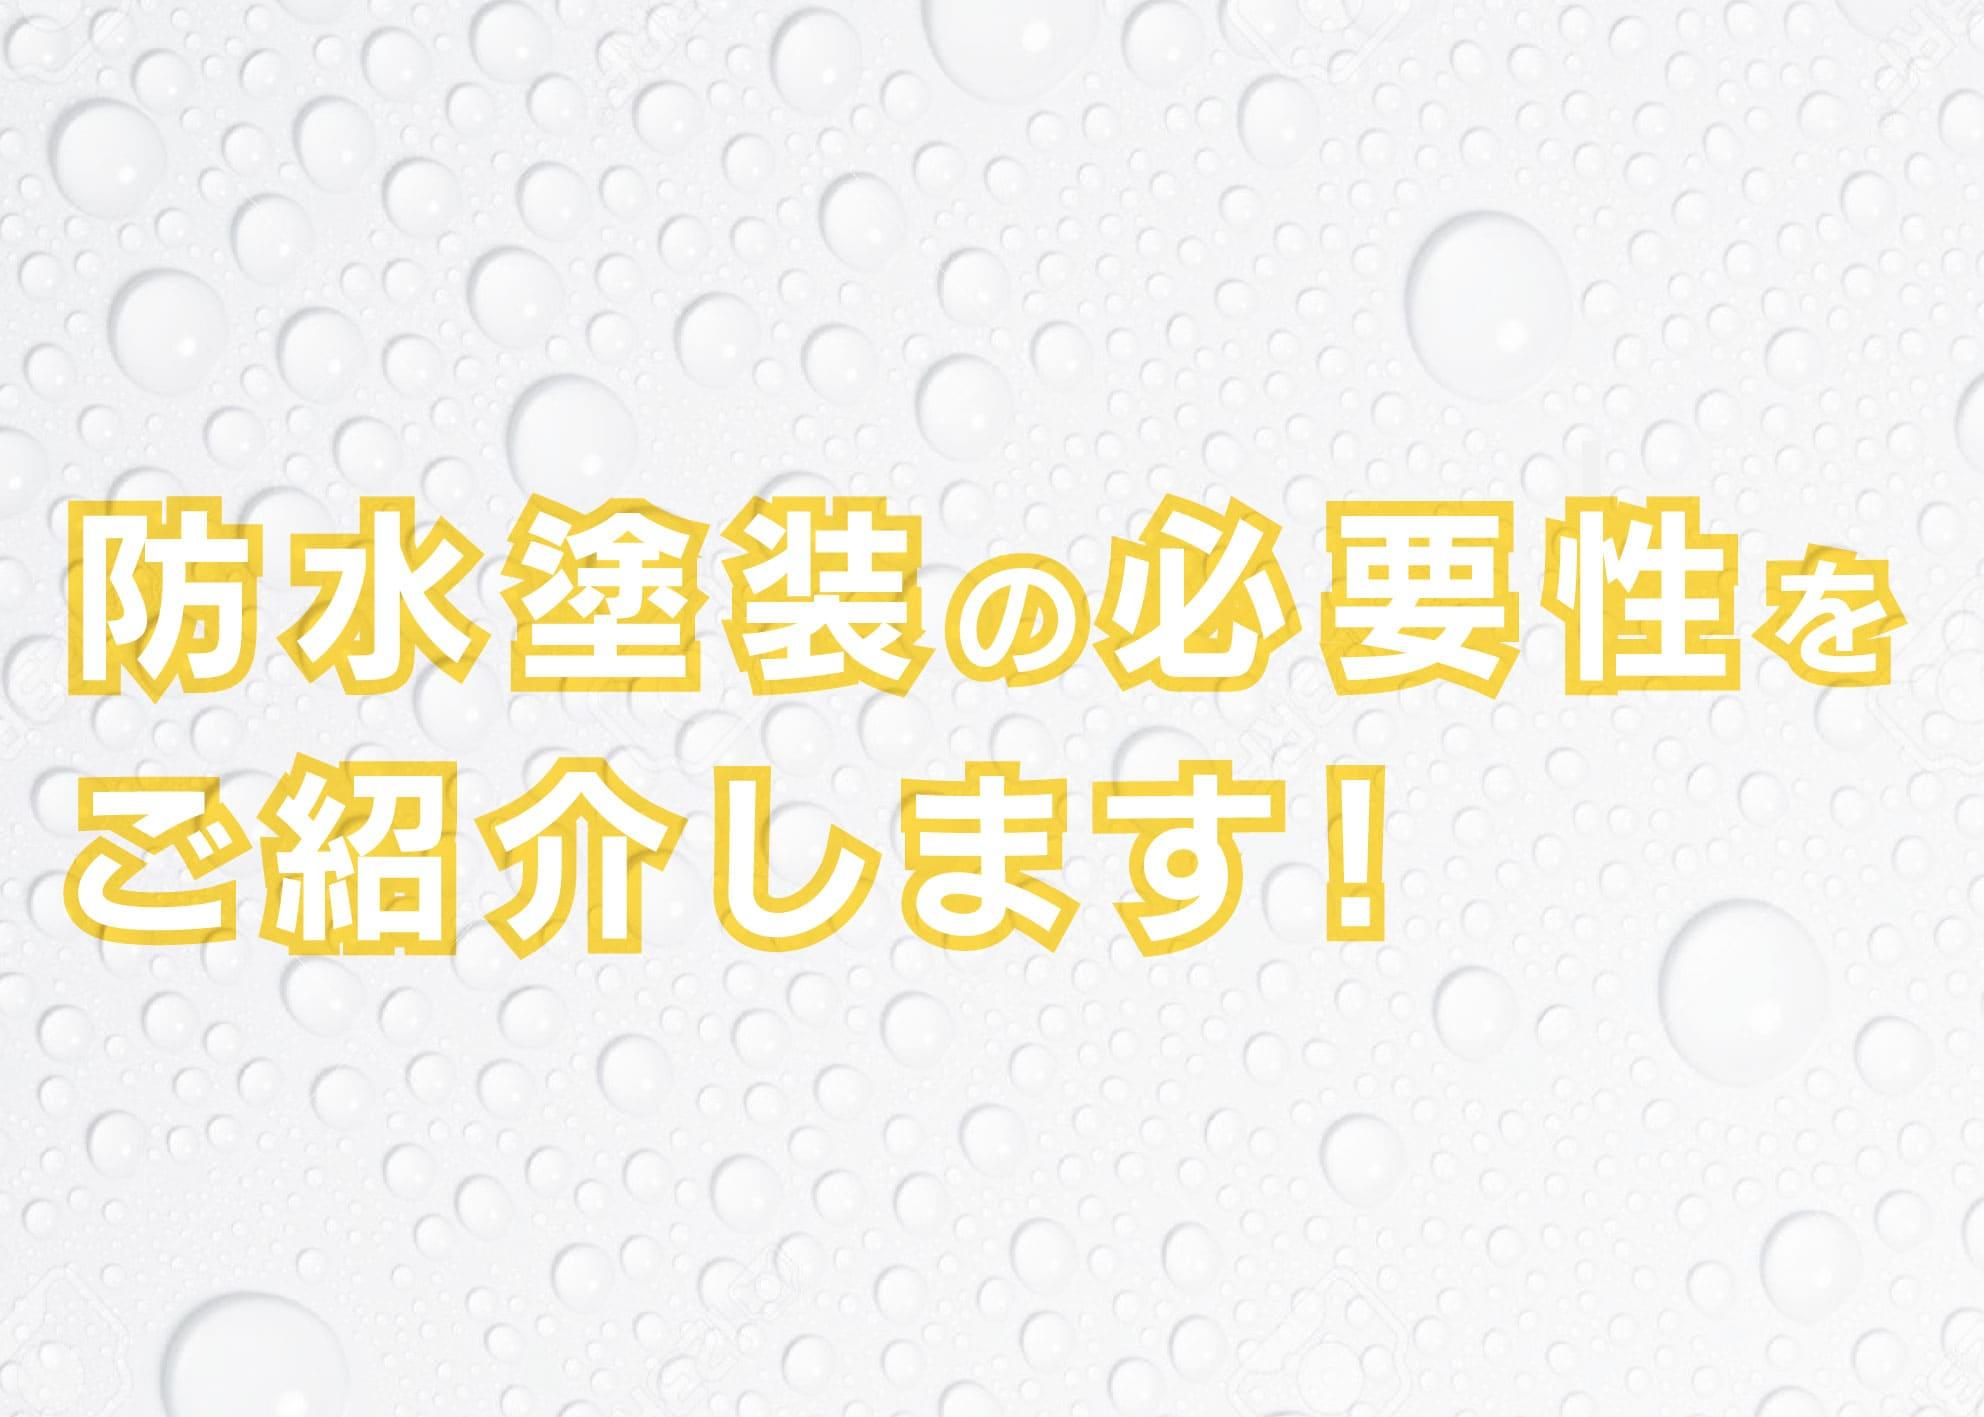 川崎市で防水塗装をお考えの方へ、防水塗装の必要性をご紹介します!